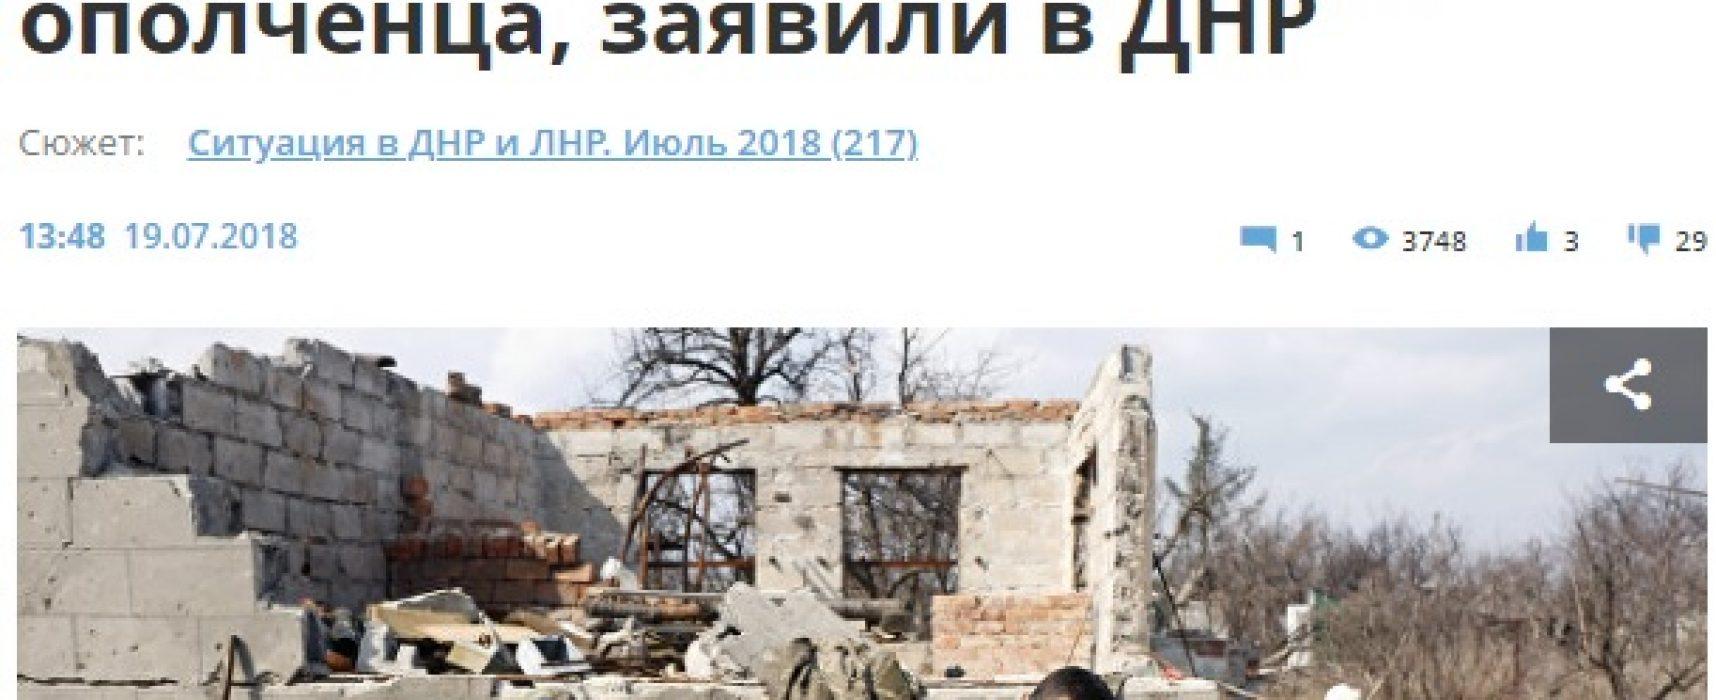 Fake: Ukrainische Truppen töten Separatisten-Überläufer